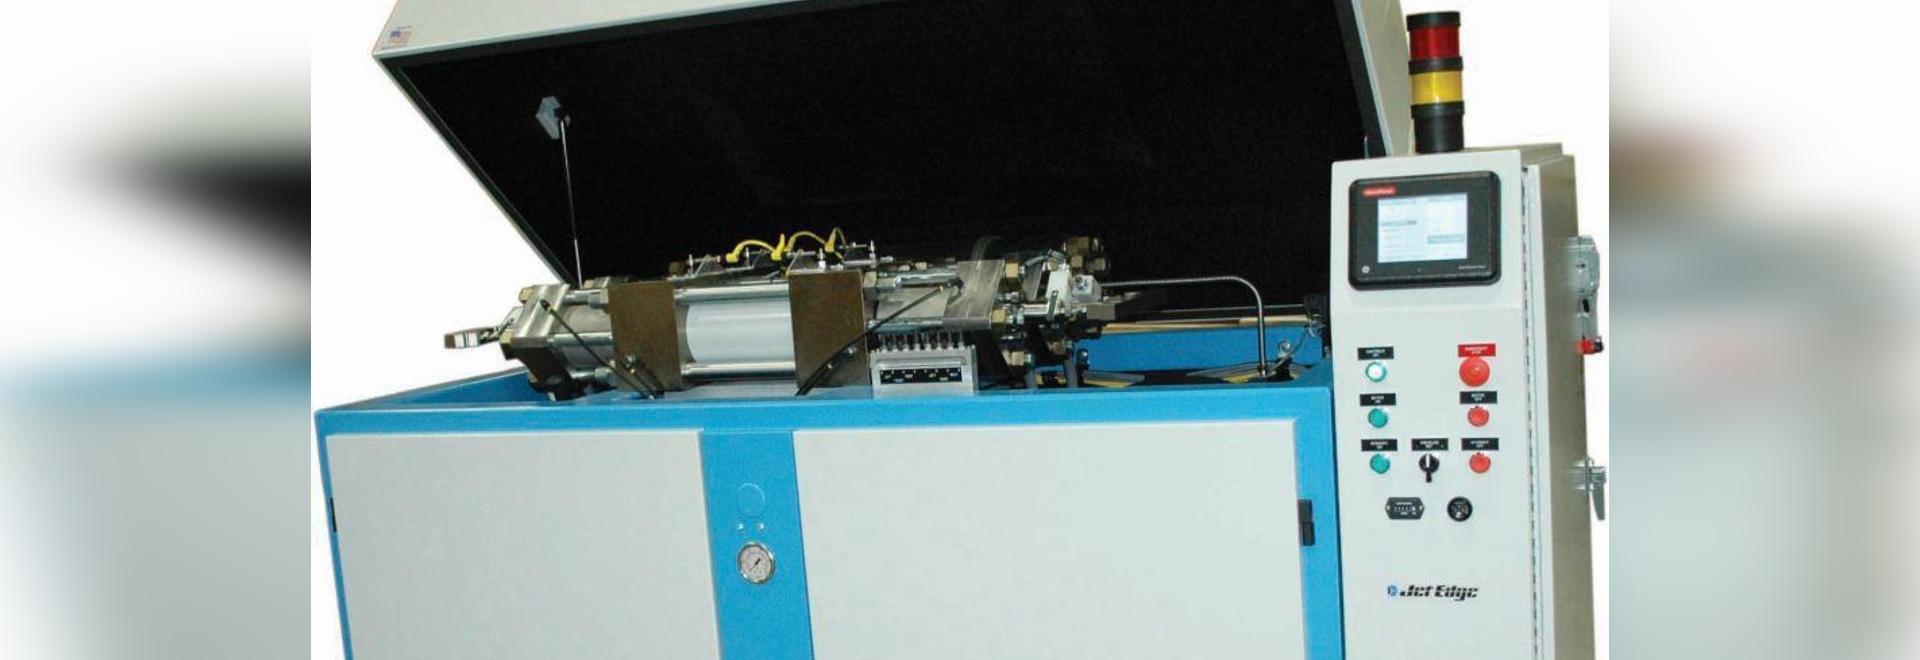 Waterjet Intensifier Pump Reduces Water, Power, Abrasive Usage